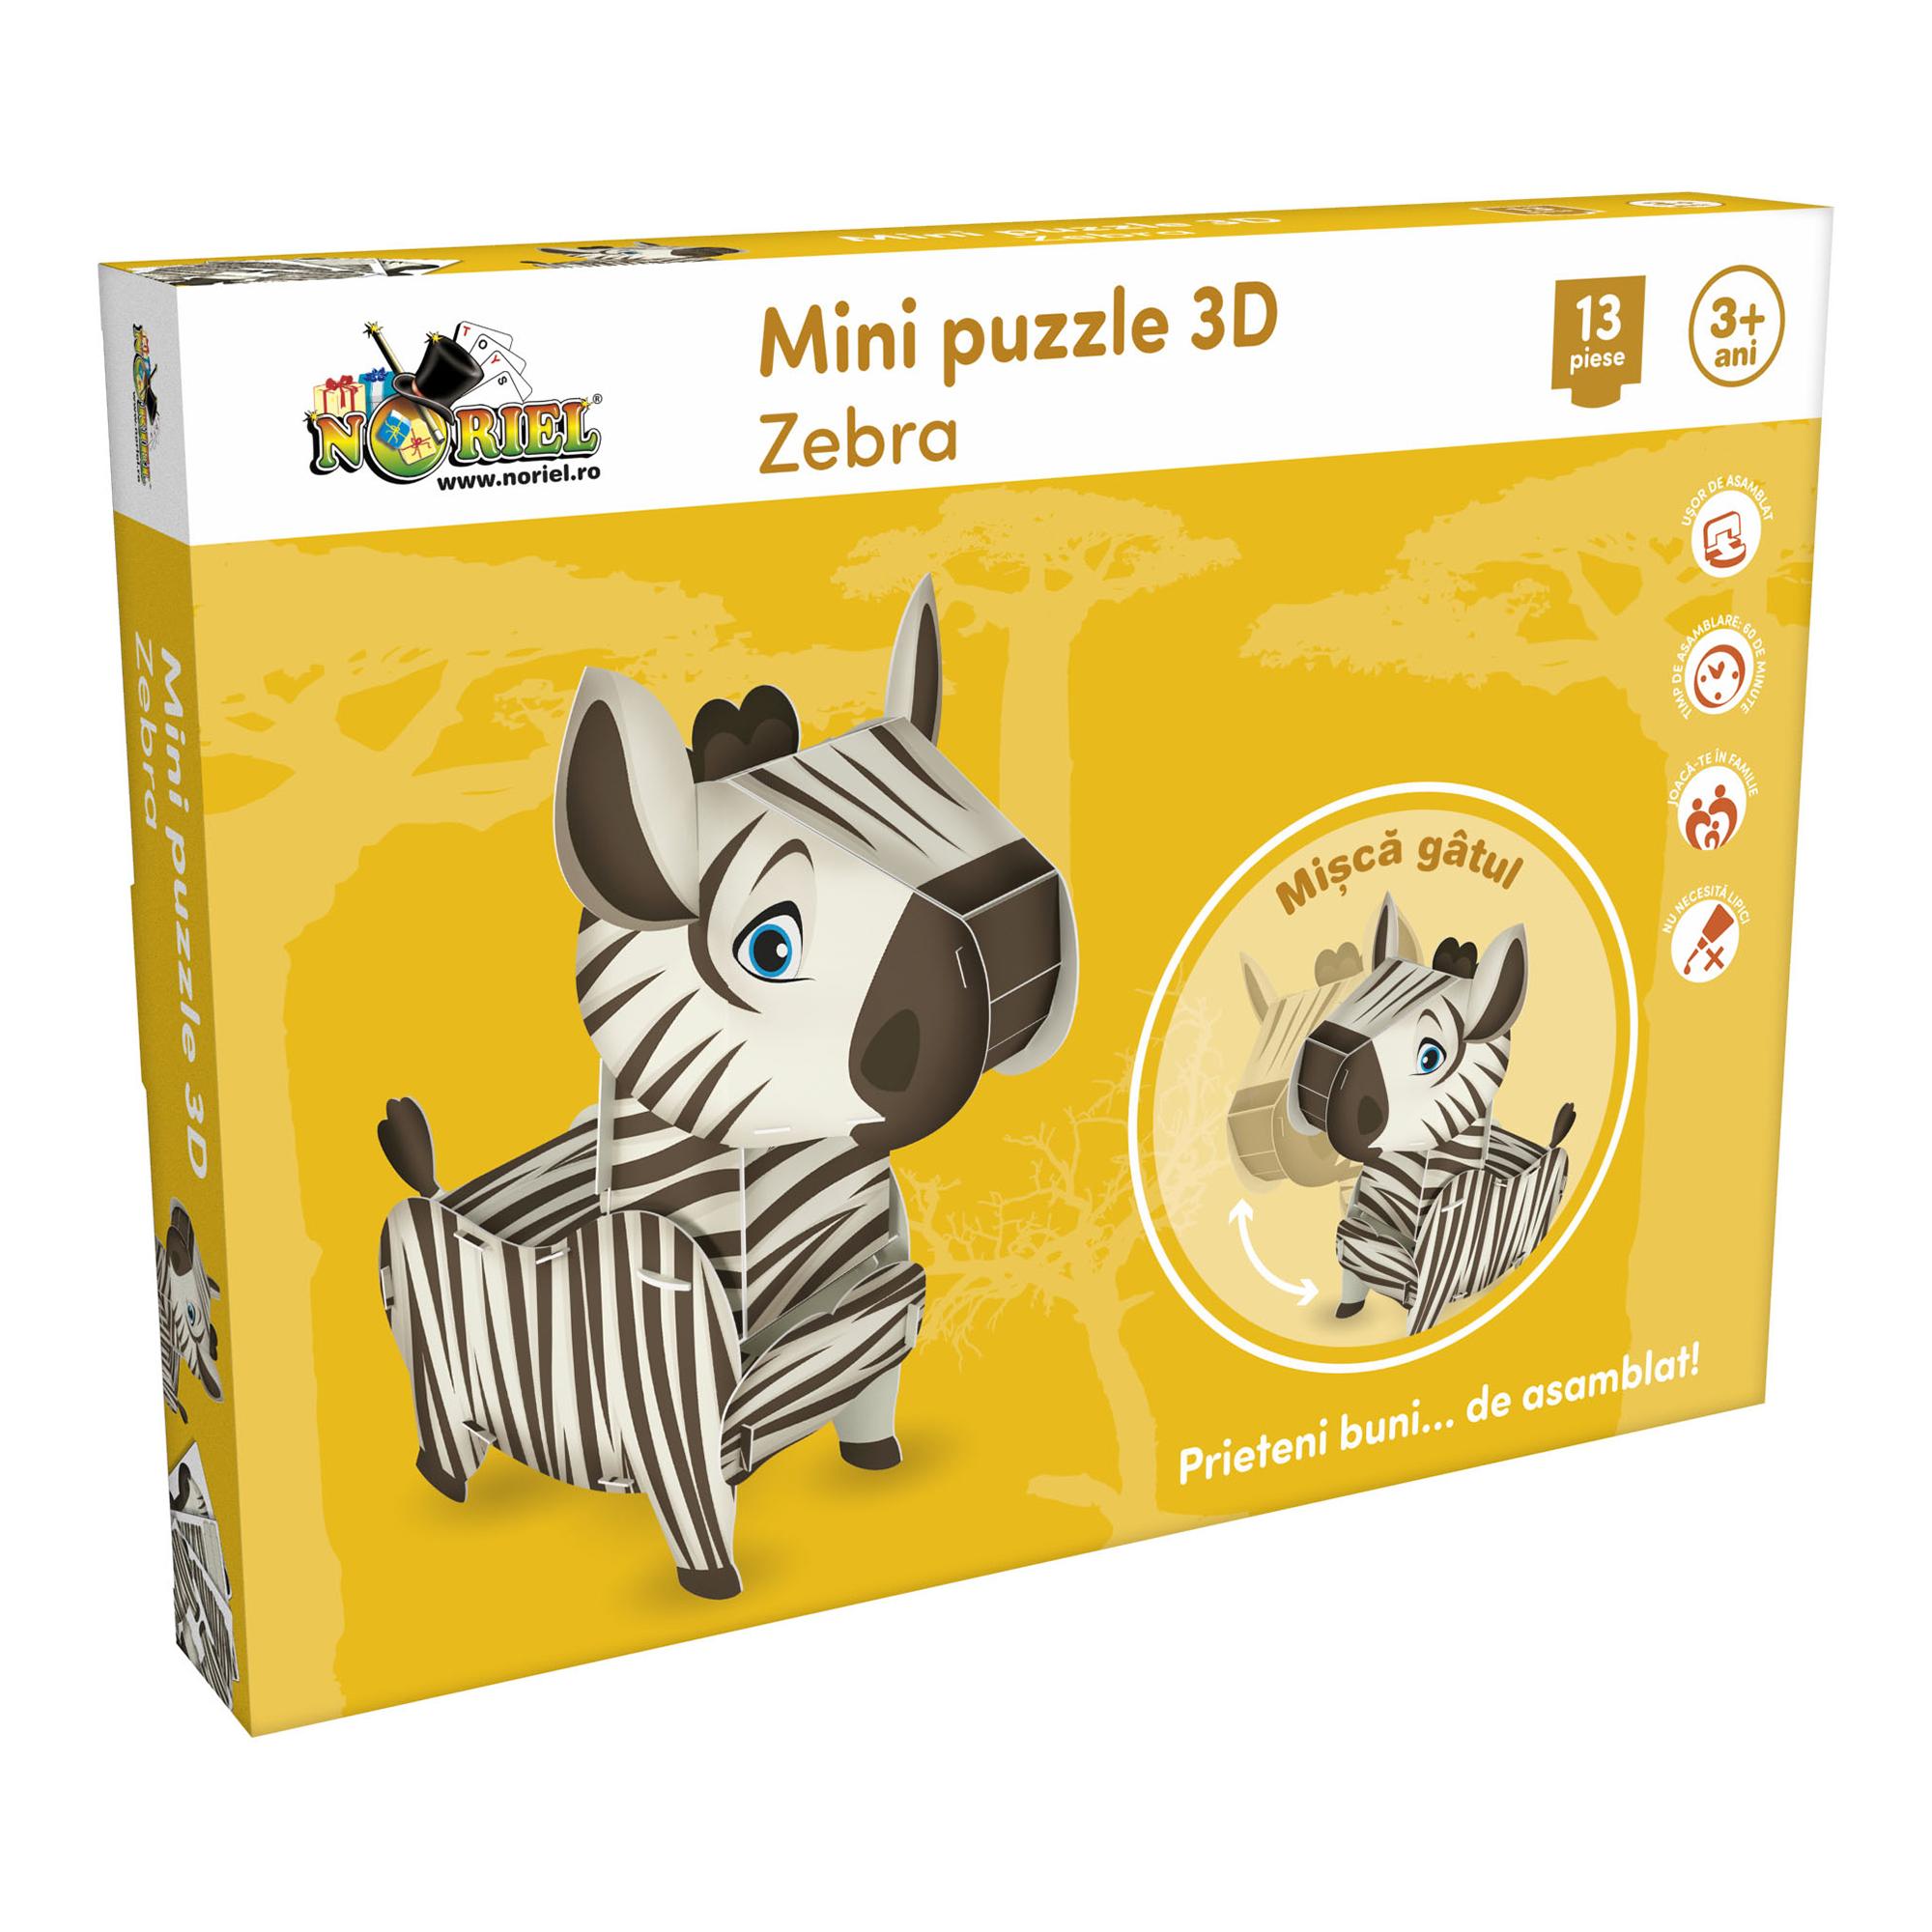 mini puzzle 3d noriel - zebra, 13 piese